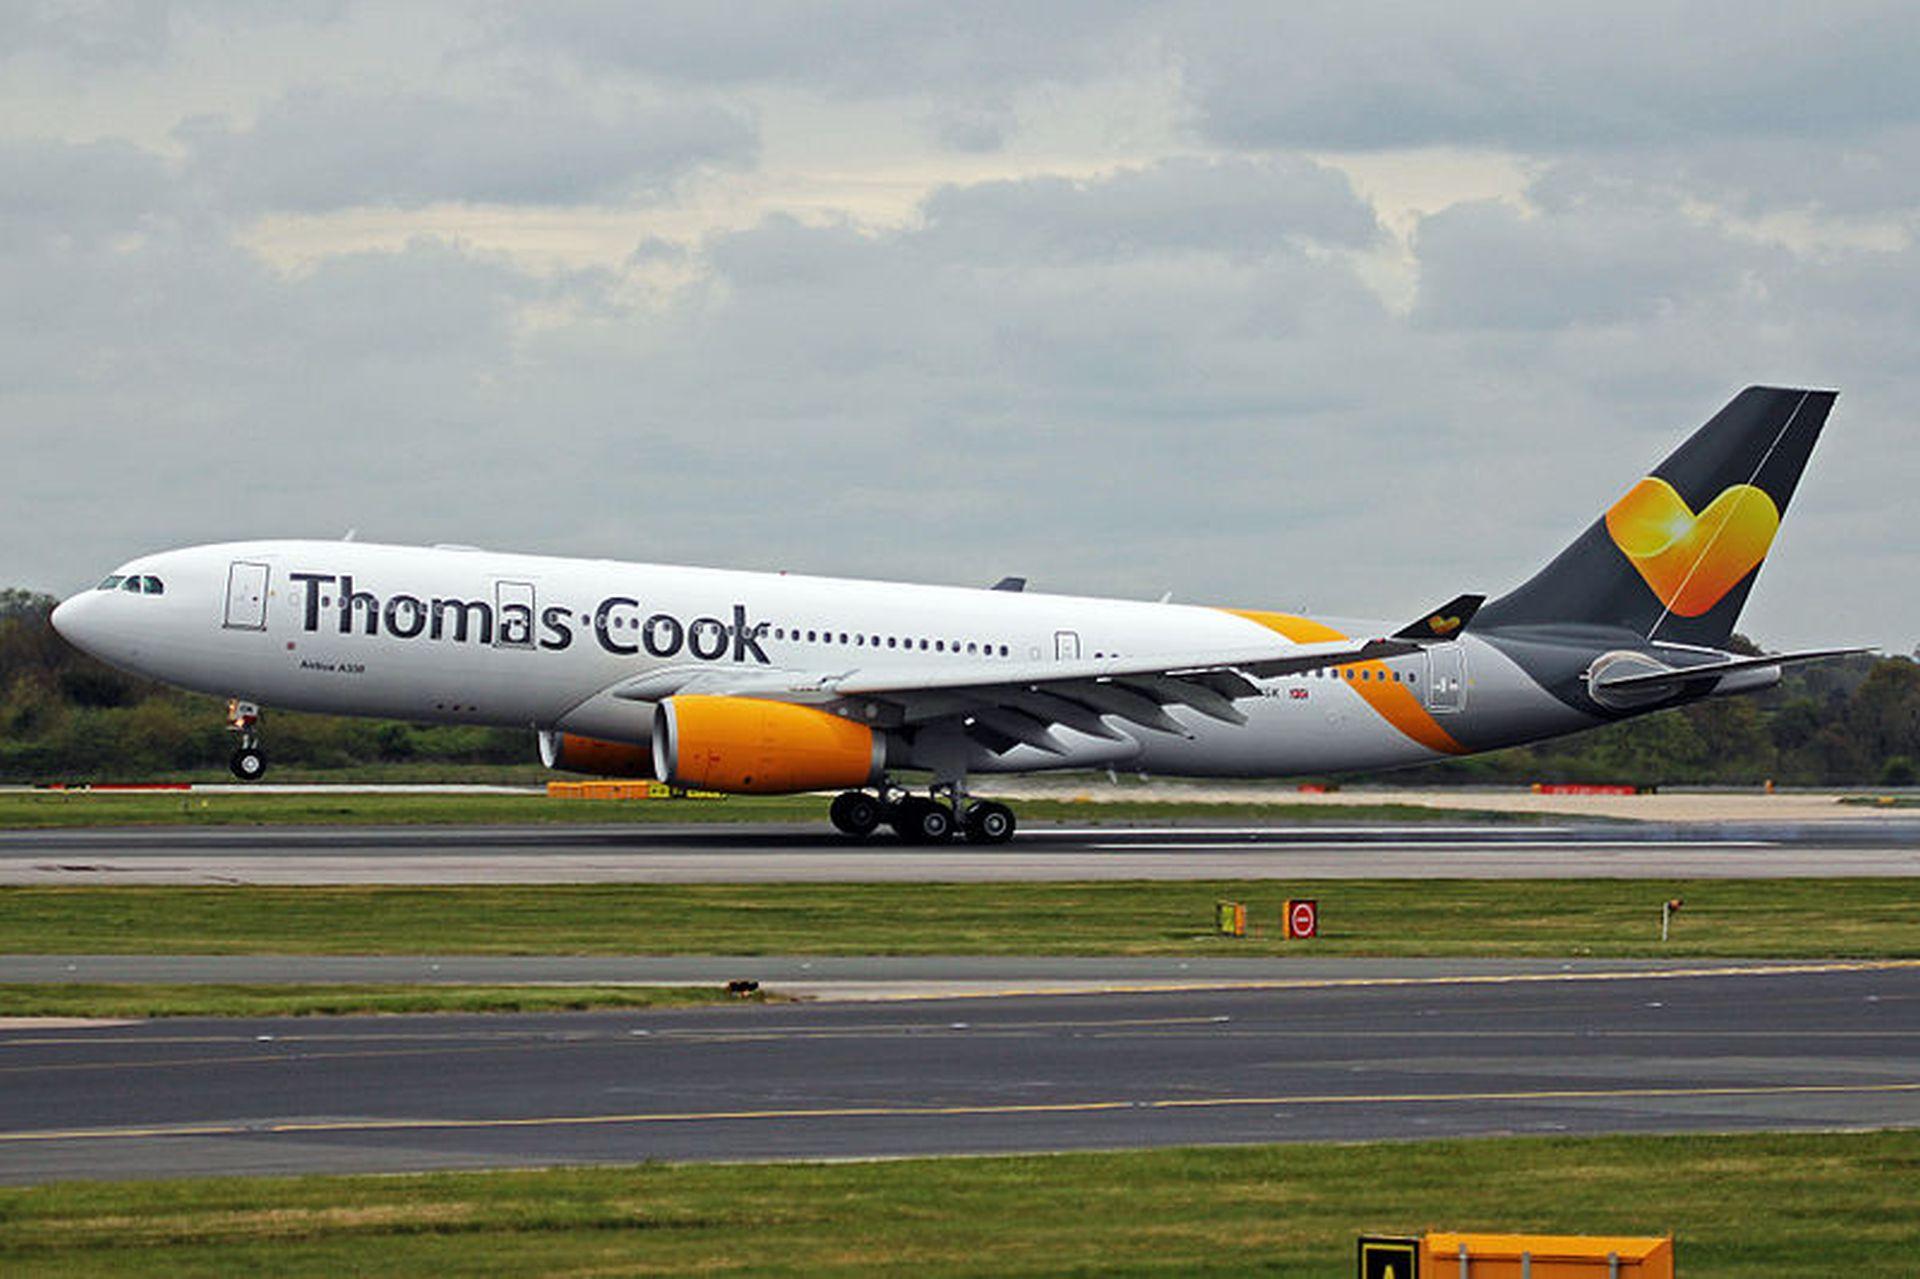 Airbus A330-200 společnosti Thomas Cook. Foto: Ken Fielding/https://www.flickr.com/photos/kenfielding